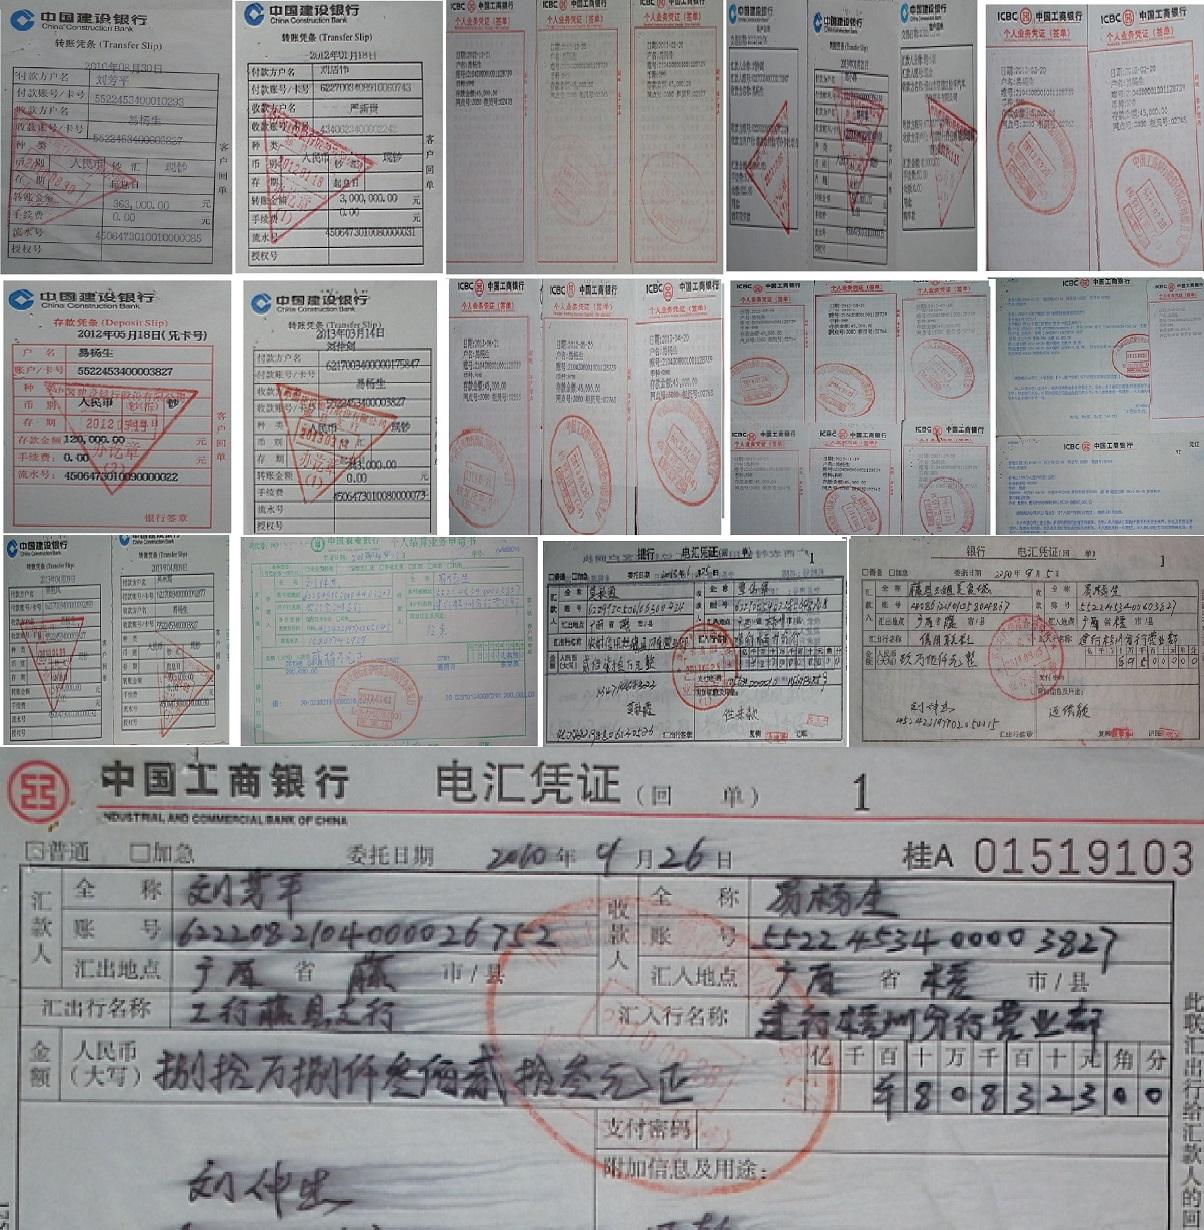 广西藤县靠河沙起家的行贿屡犯放高利贷还款后仍起诉获胜致公司维艰